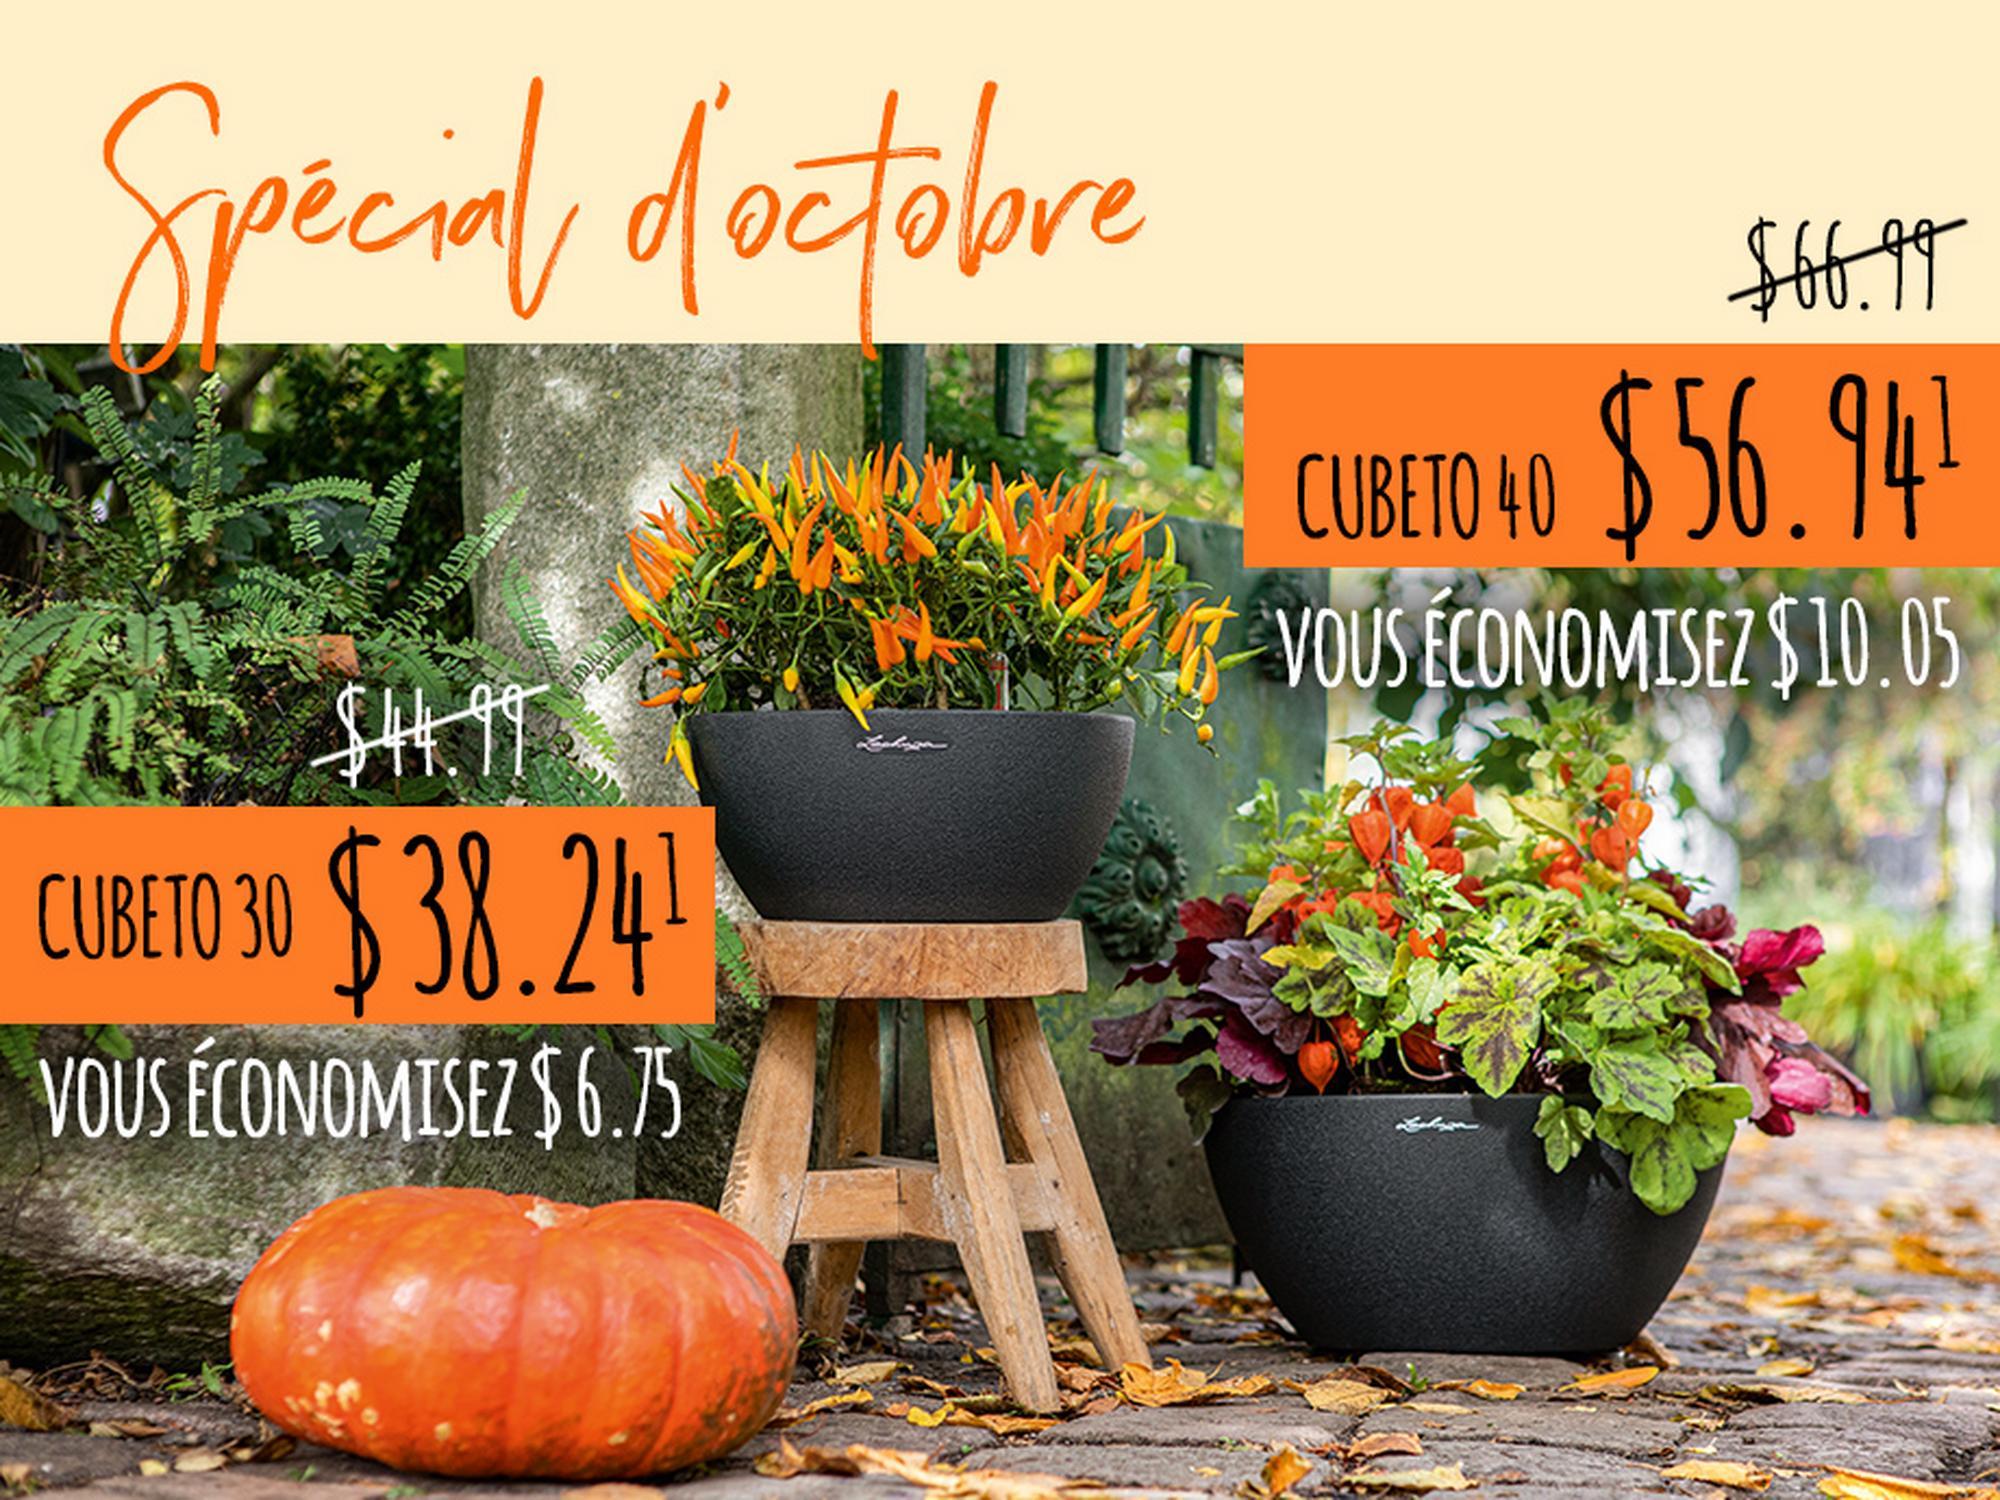 Spécial d'octobre: Décoration créative d'automne avec CUBETO Stone